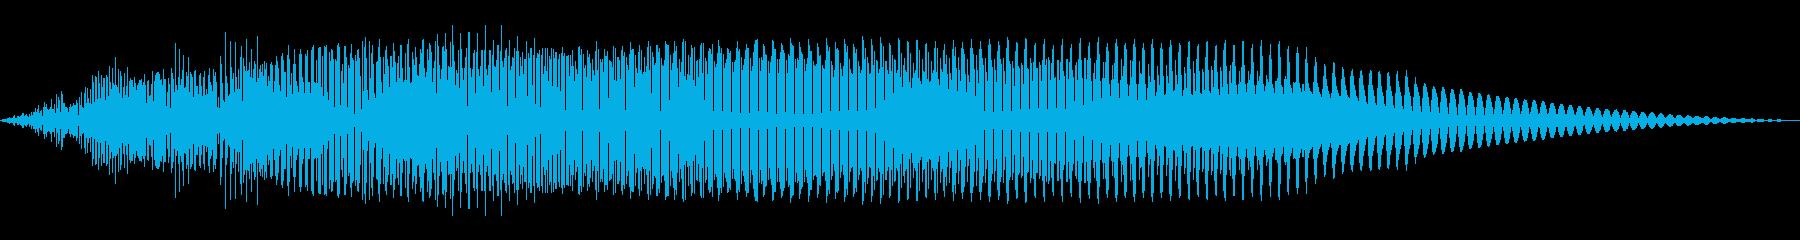 ドゥーン(ワープ/転送装置/SF)の再生済みの波形